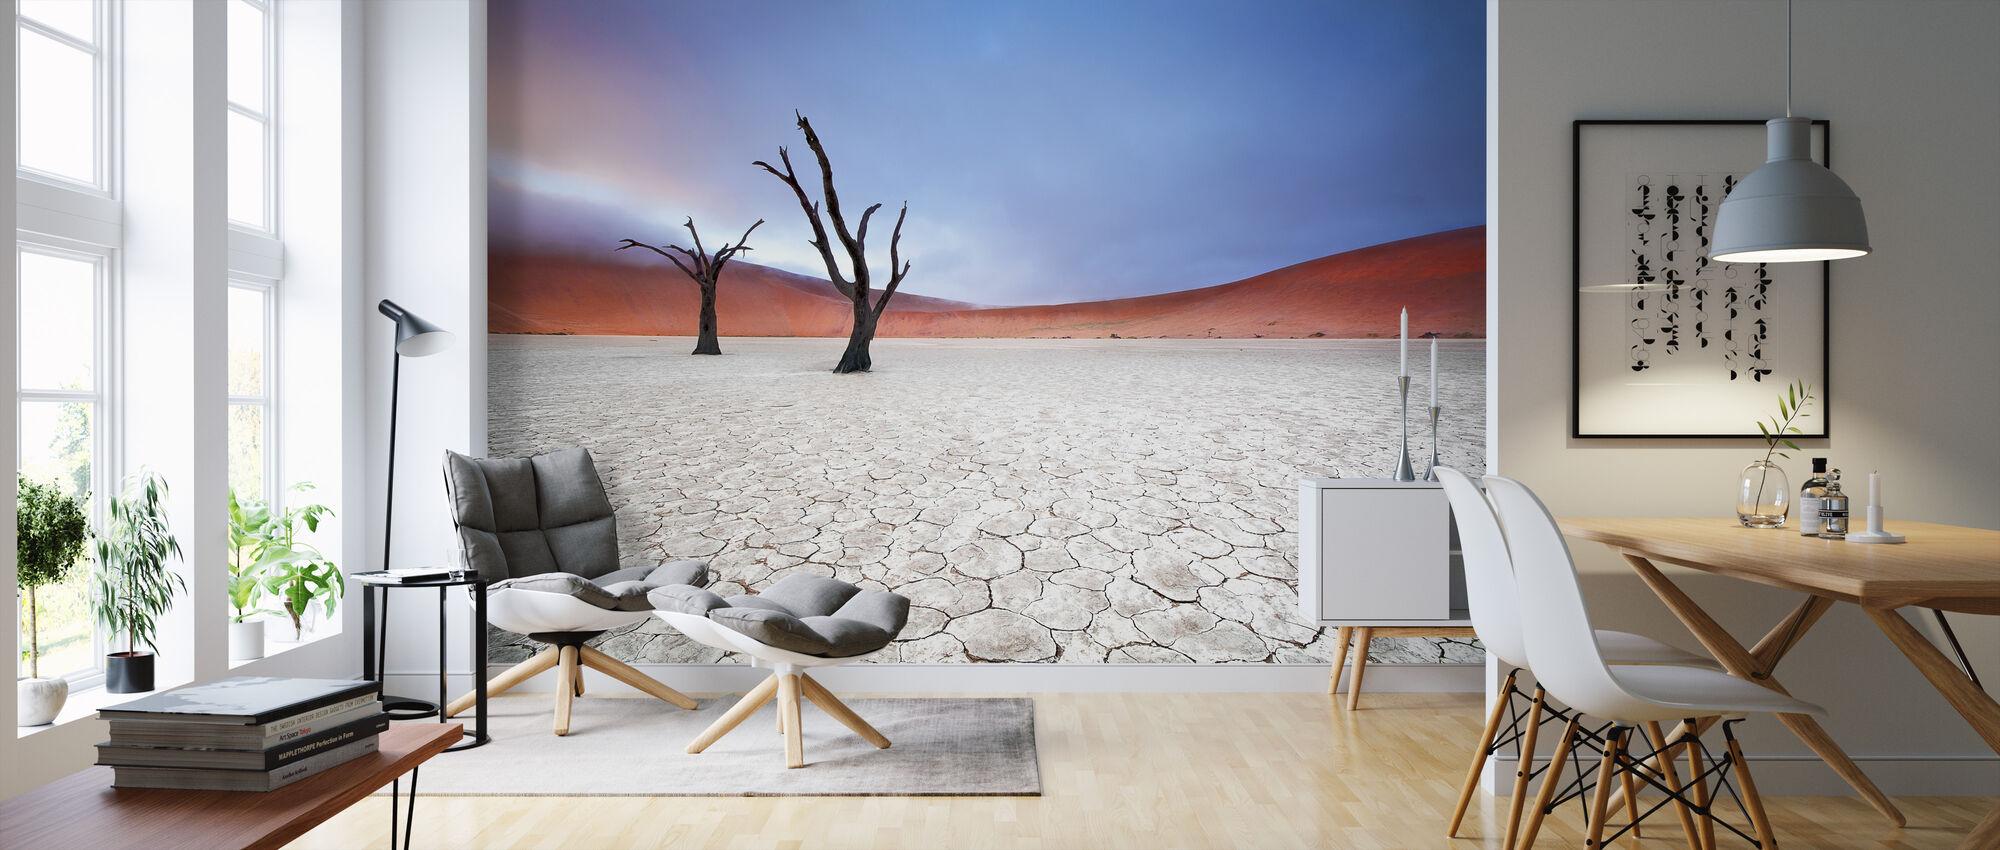 Mist over Deadvlei - Wallpaper - Living Room